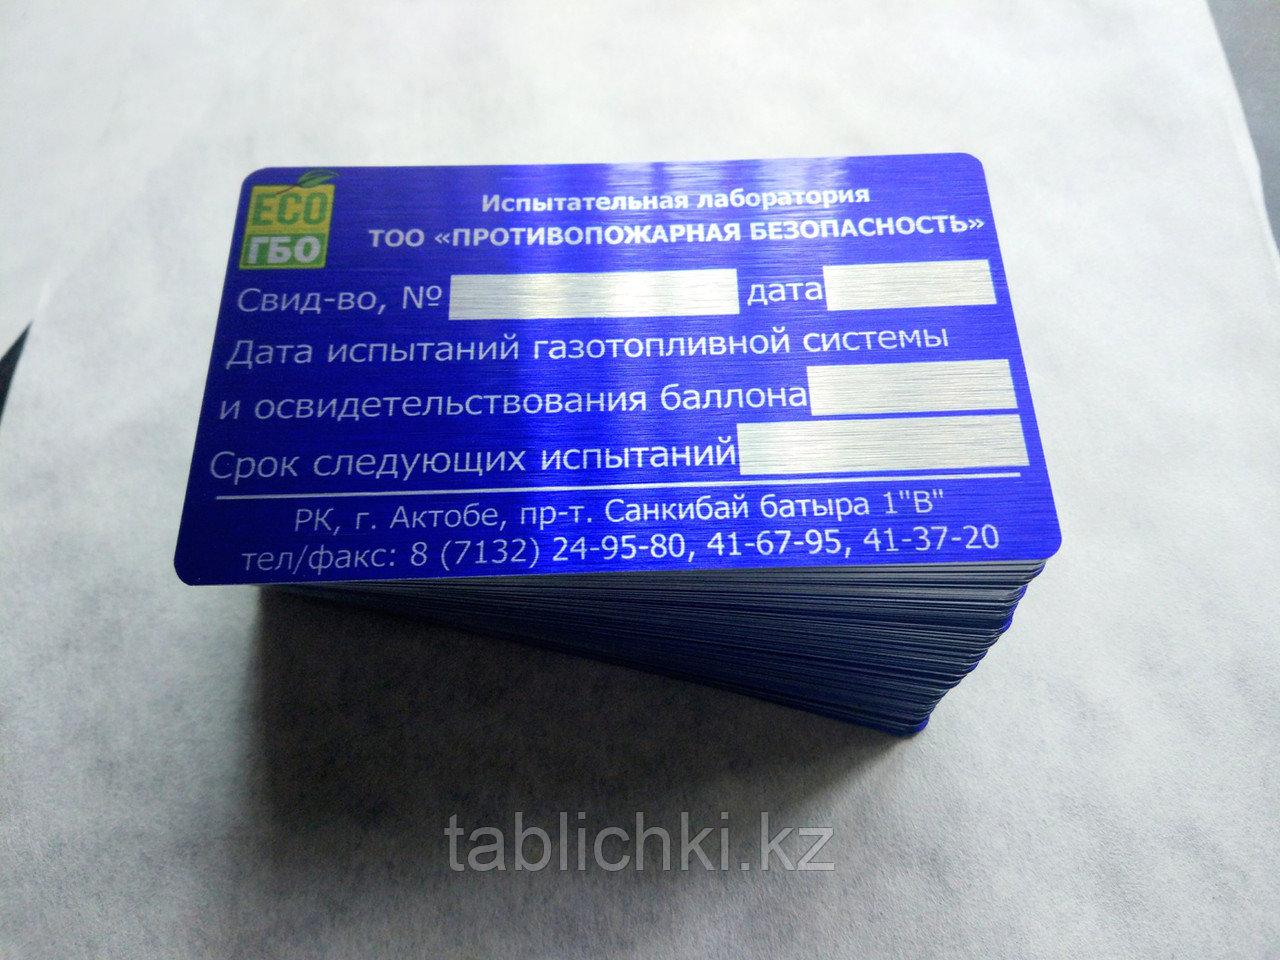 Информационные цветные металлические таблички